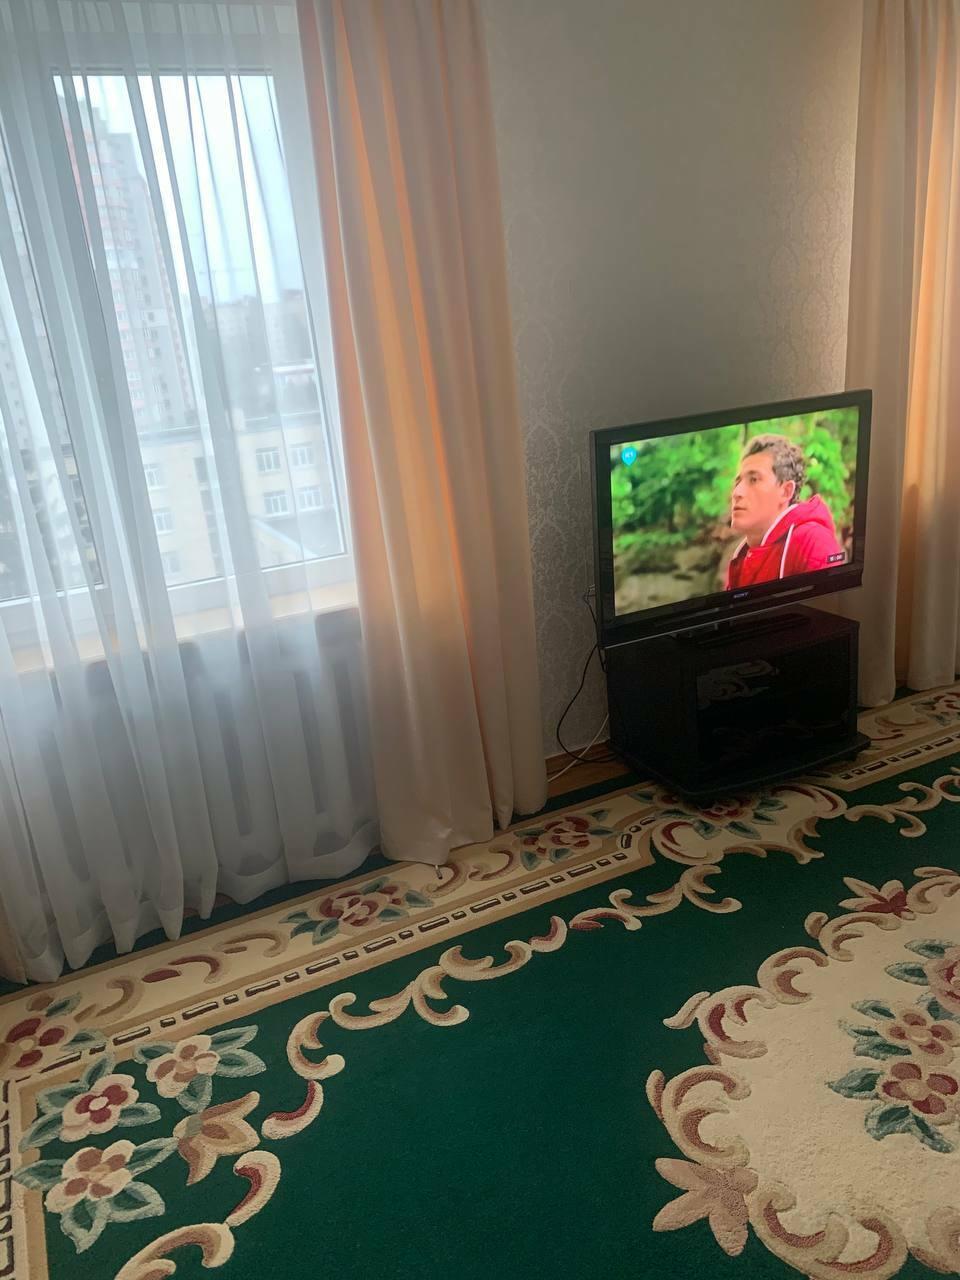 Сдам долгосрочно 2 к, г. Киев                               в р-не Караваевы дачи                                 фото